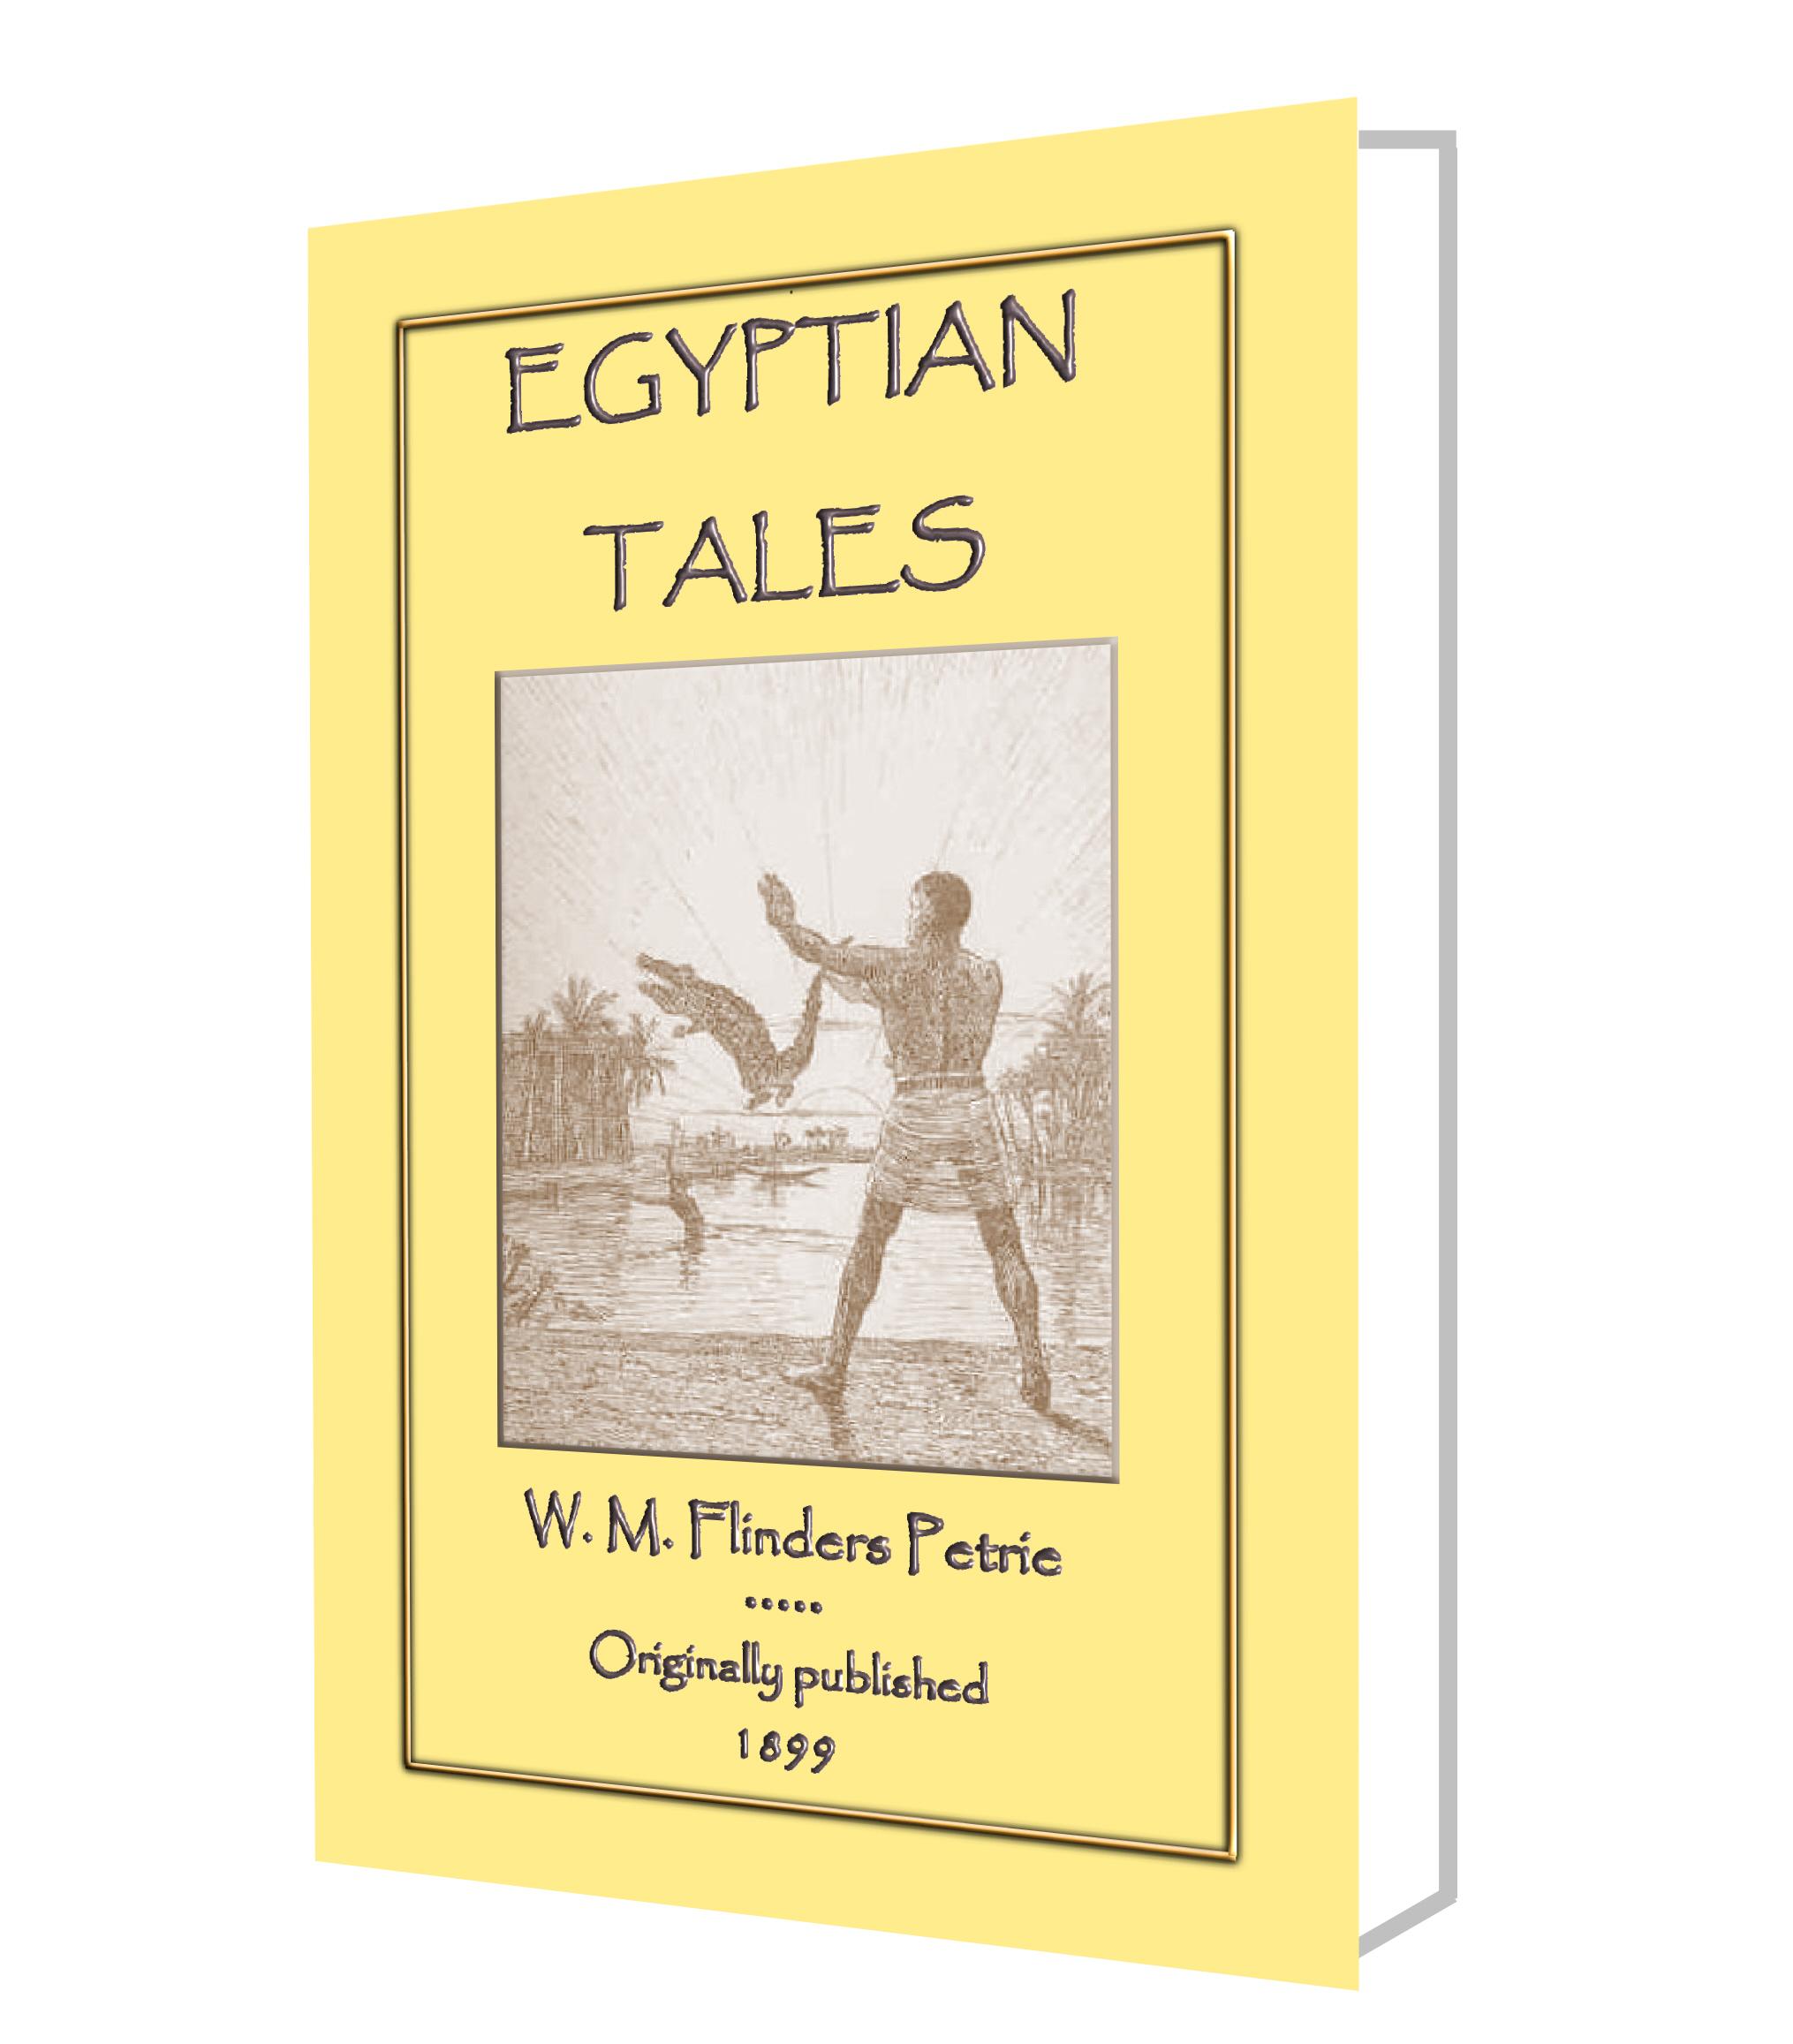 W. M. Flinders Petrie: Egyptian Tales